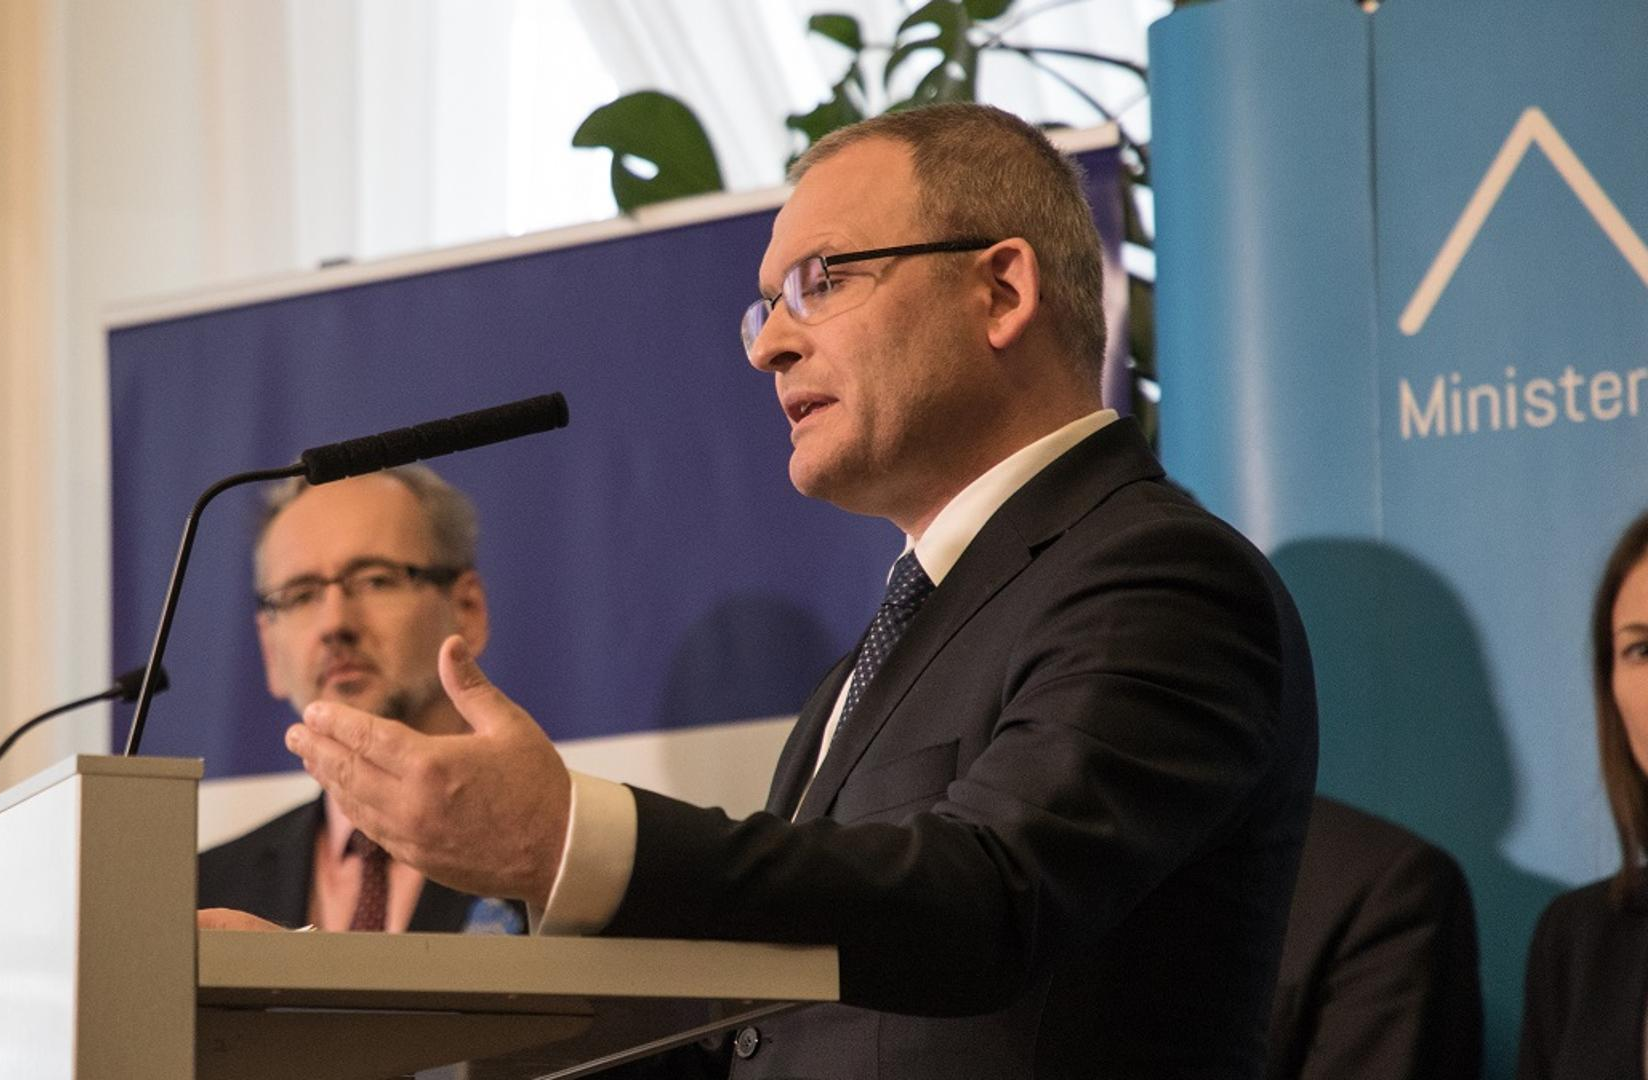 Obszernej odpowiedzi na interpelację posłanki udzielił wiceminister zdrowia Maciej Miłkowski (fot. MZ)